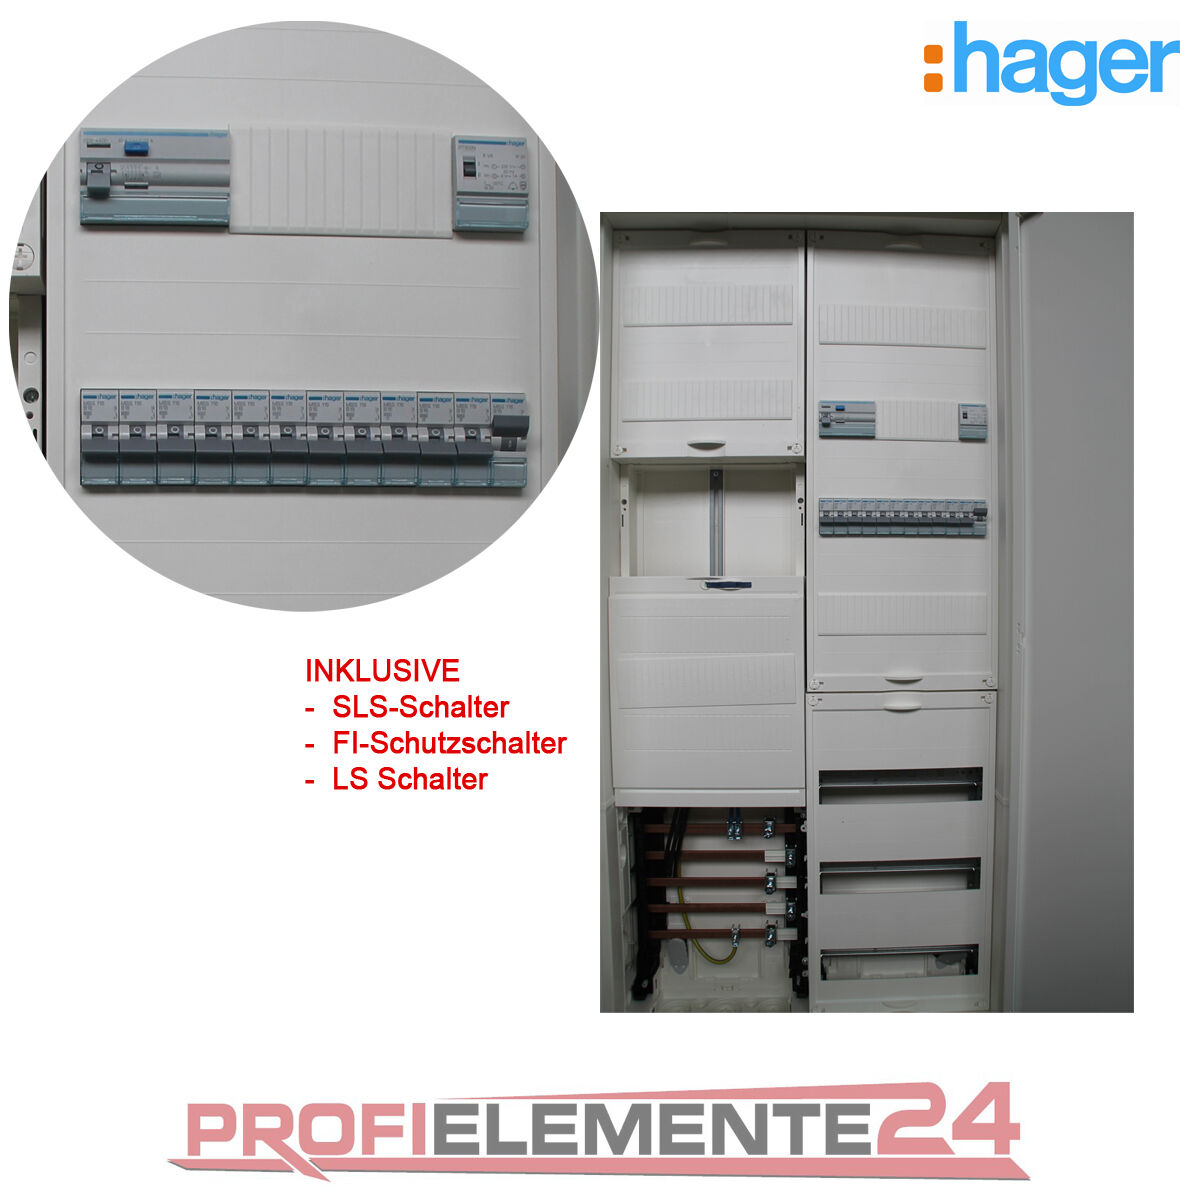 Hager Zählerschrank ZB323T17F bestückt und verdrahtet, SLS,FI, LS | eBay